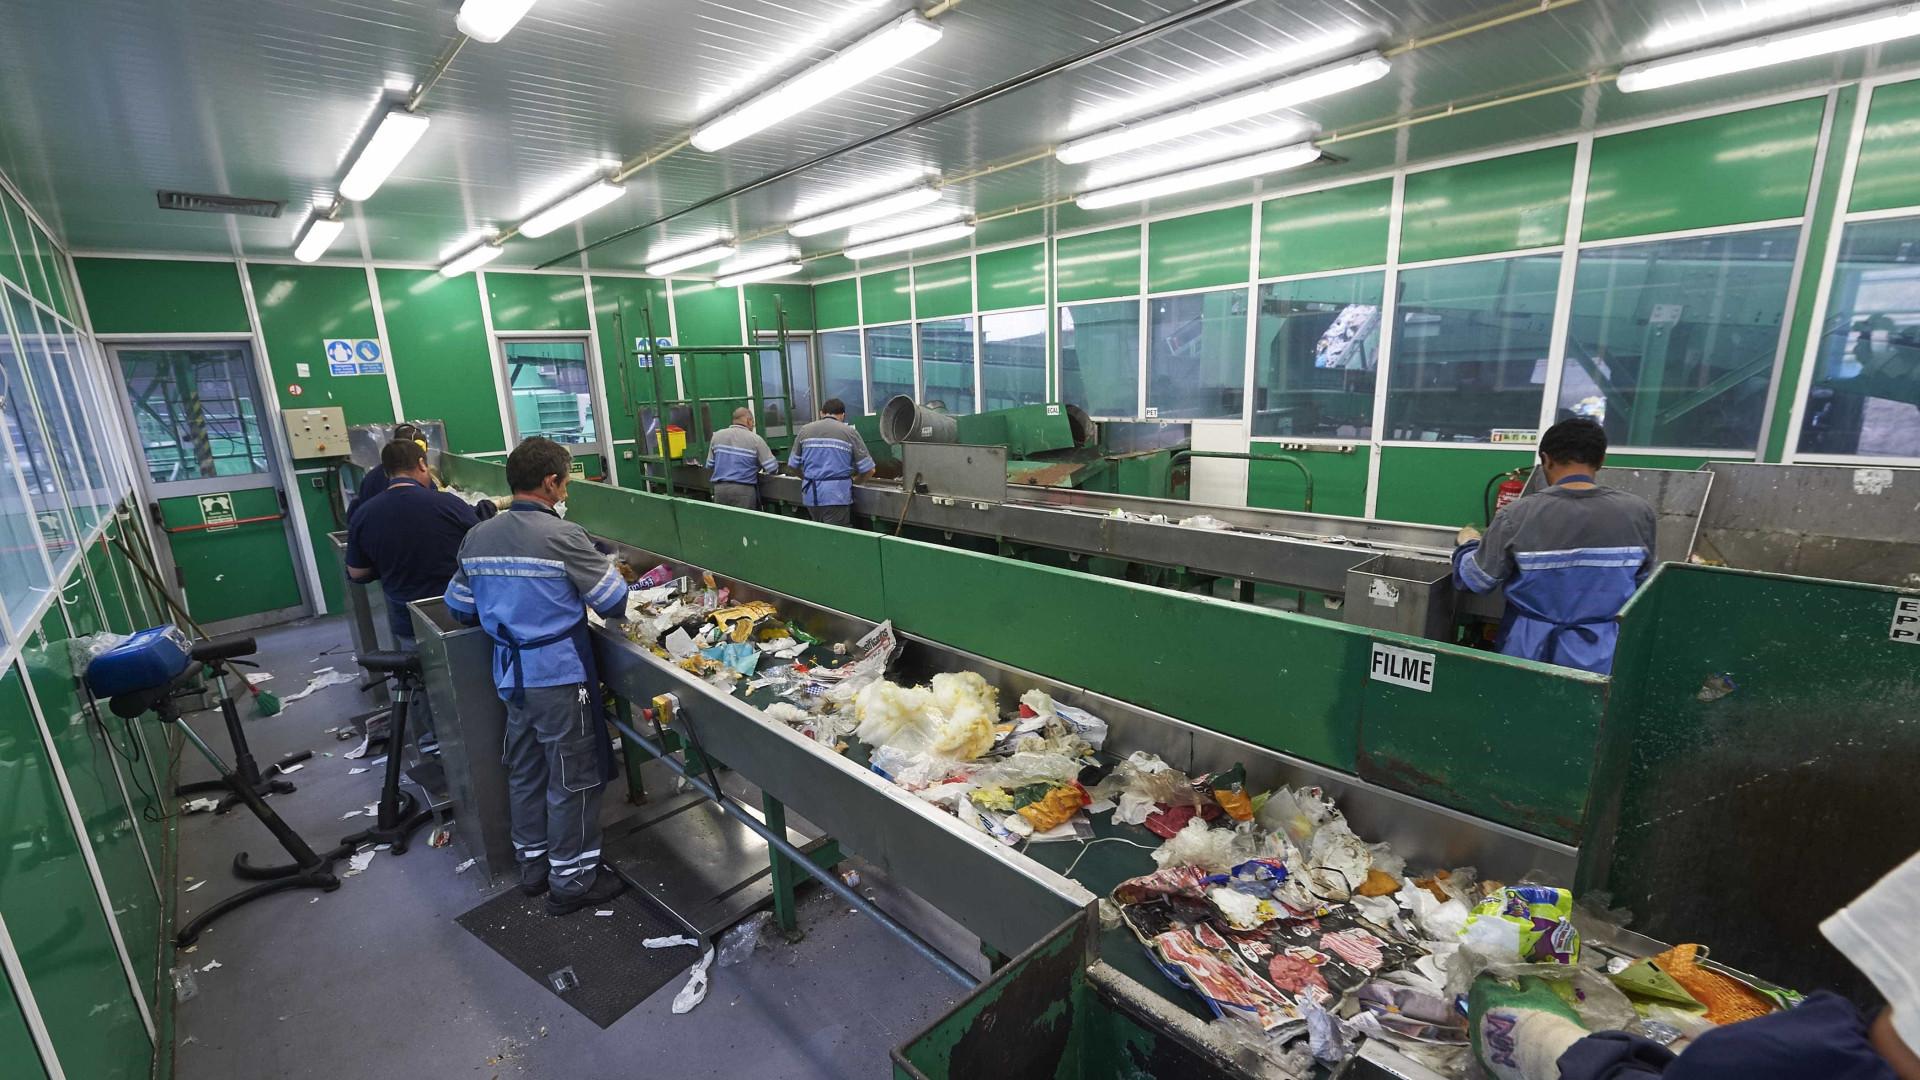 Valorsul investe 55 milhões para melhorar gestão de resíduos